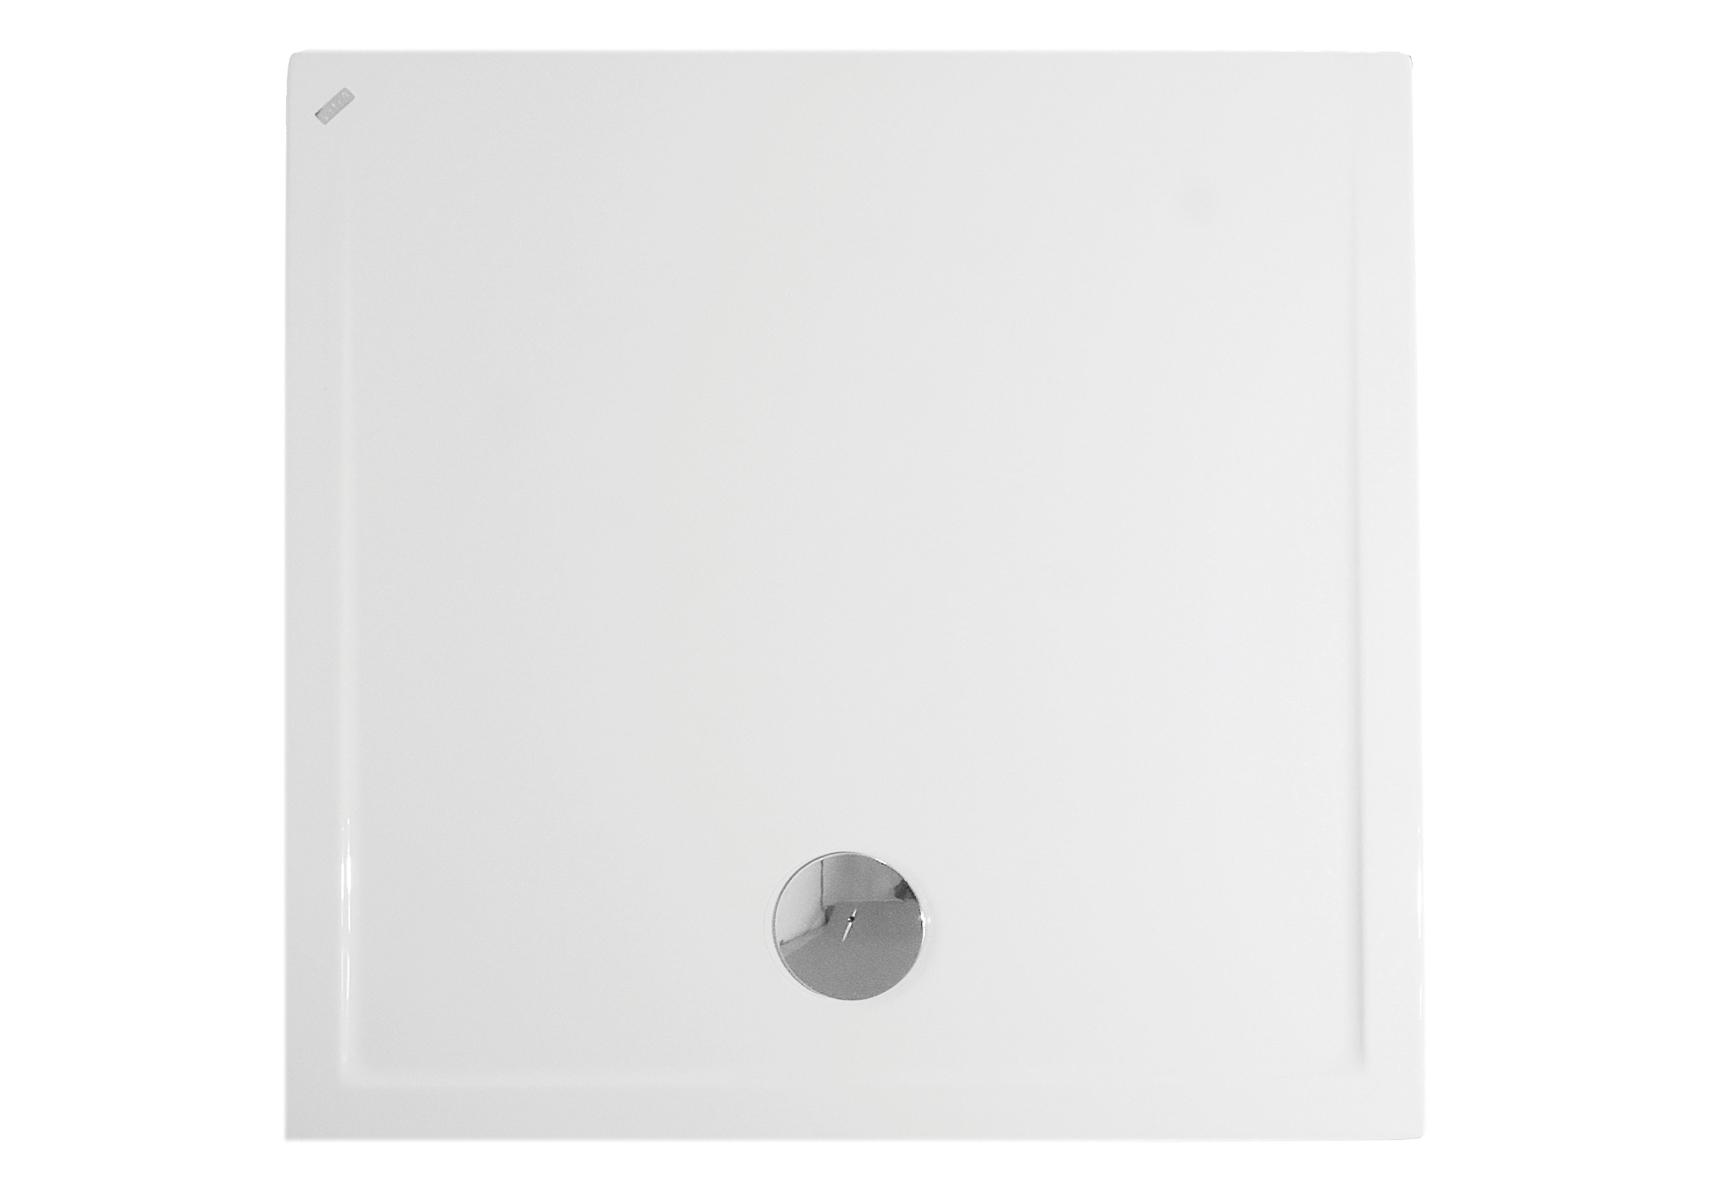 Fit receveur ultra plat en acrylique, 3,2 mm, à poser, carré, 90  x  90 cm